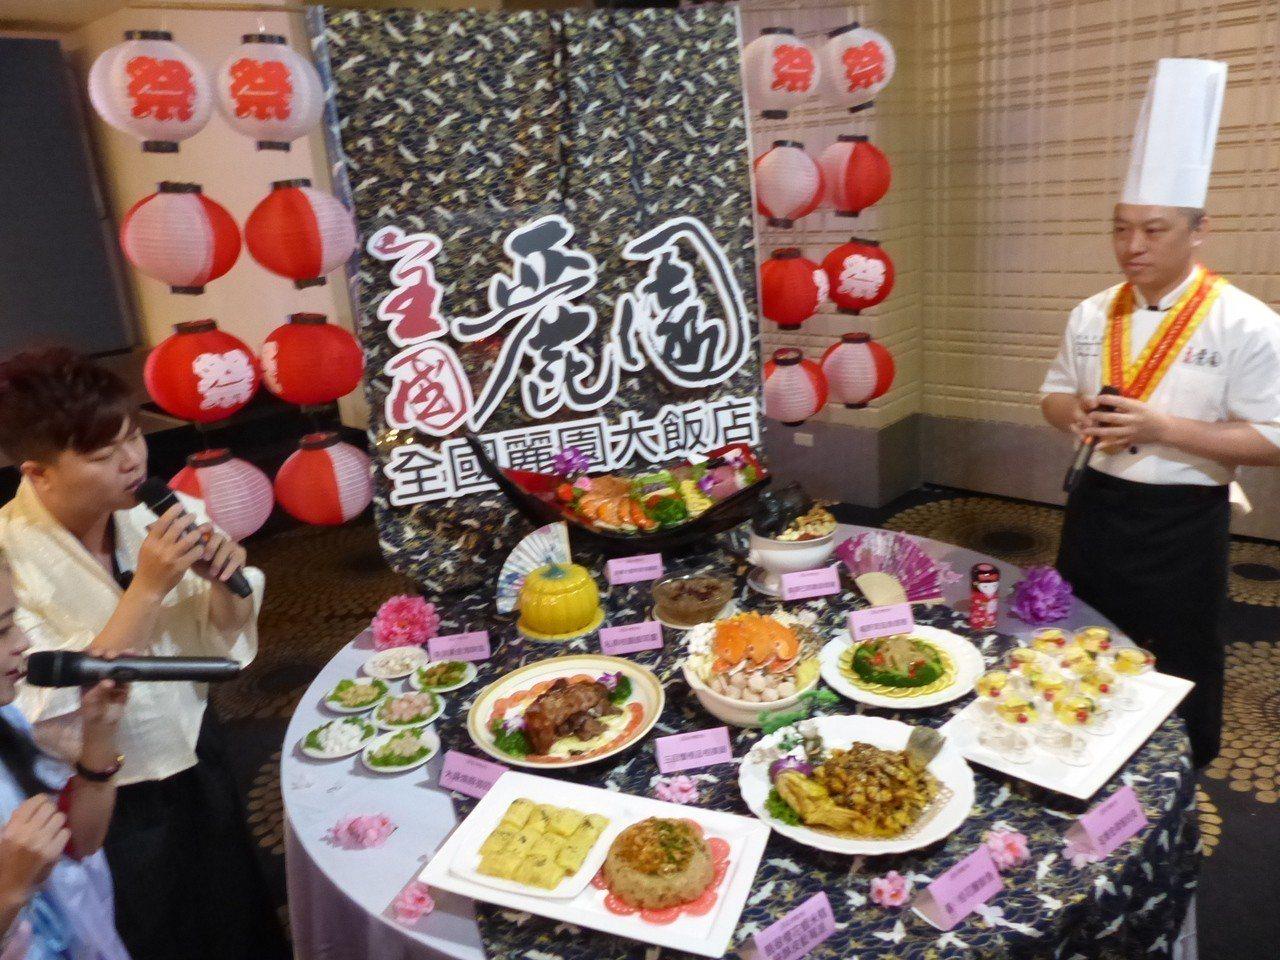 全國麗園大飯店除夕圍爐宴,豐盛菜餚,令人食指大動。記者劉明岩/攝影